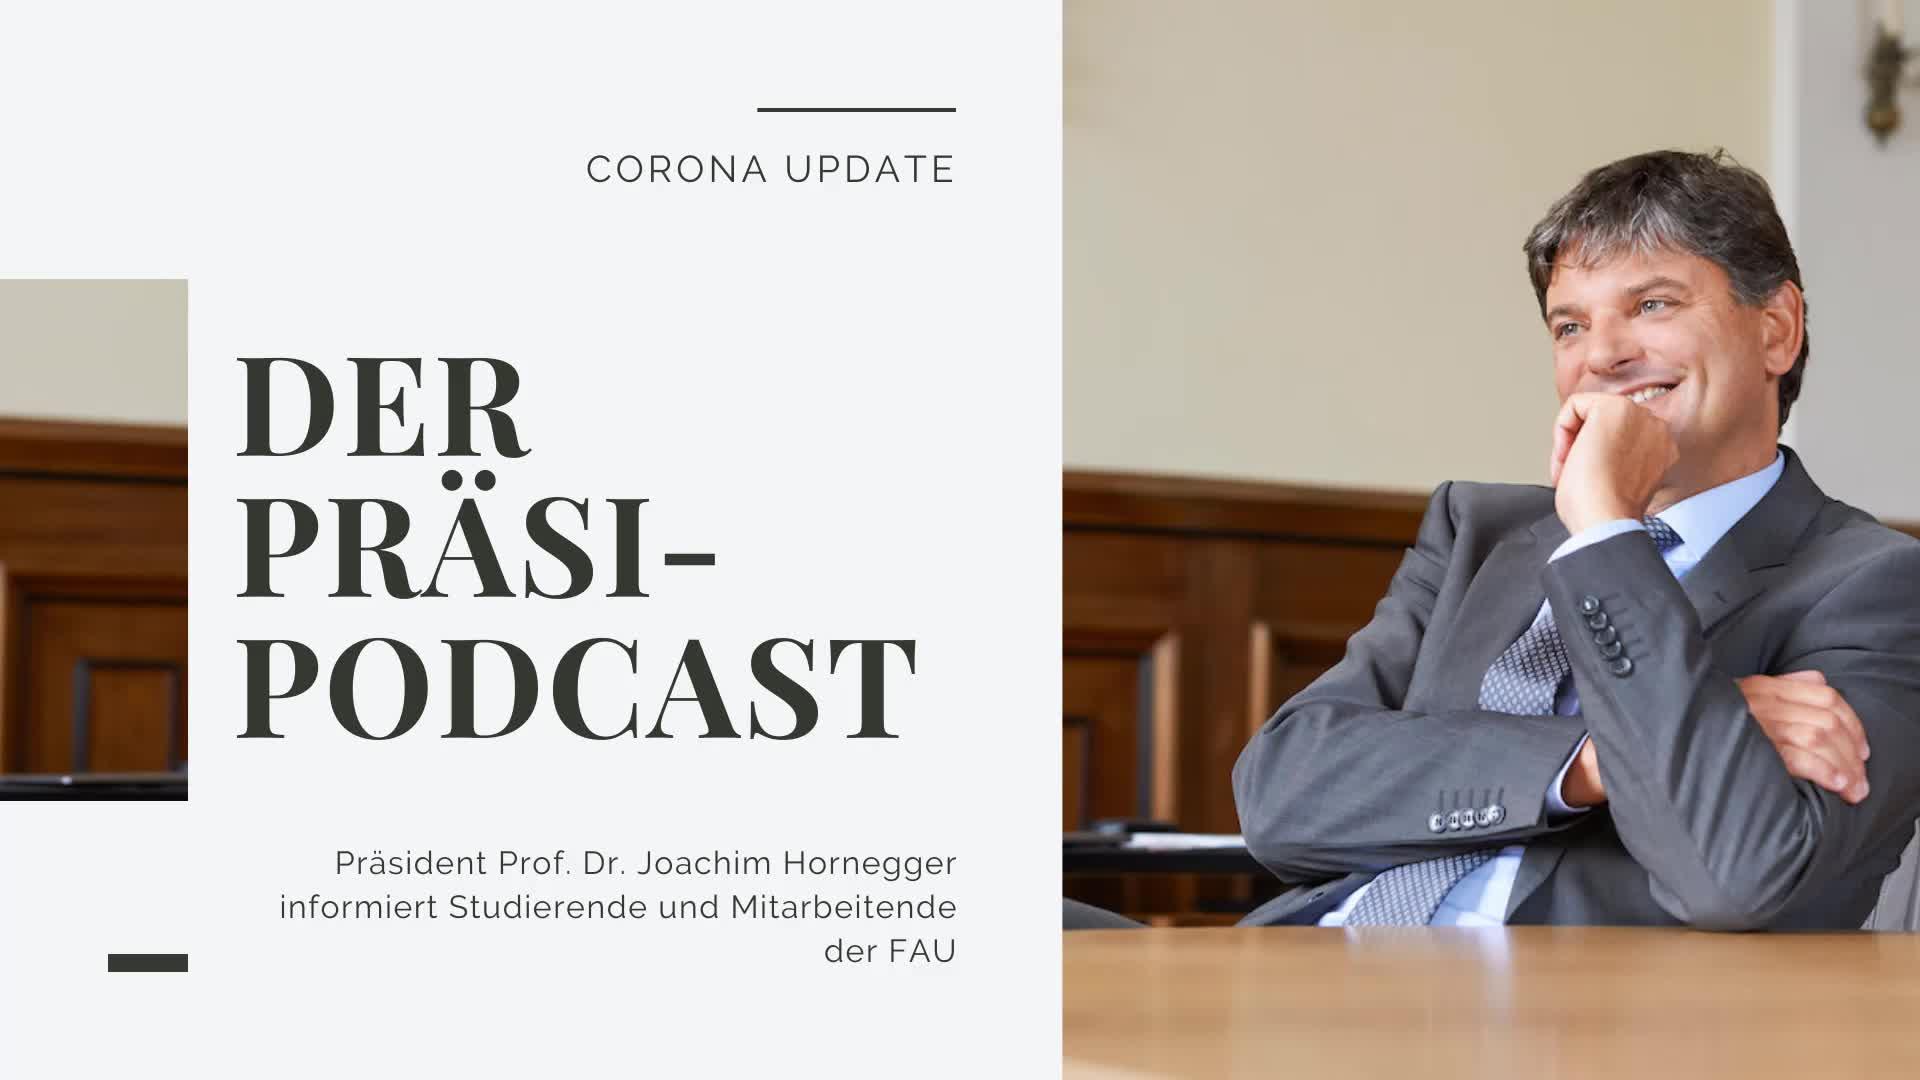 """""""Der Präsi-Podcast"""" vom 01. Oktober 2020 preview image"""